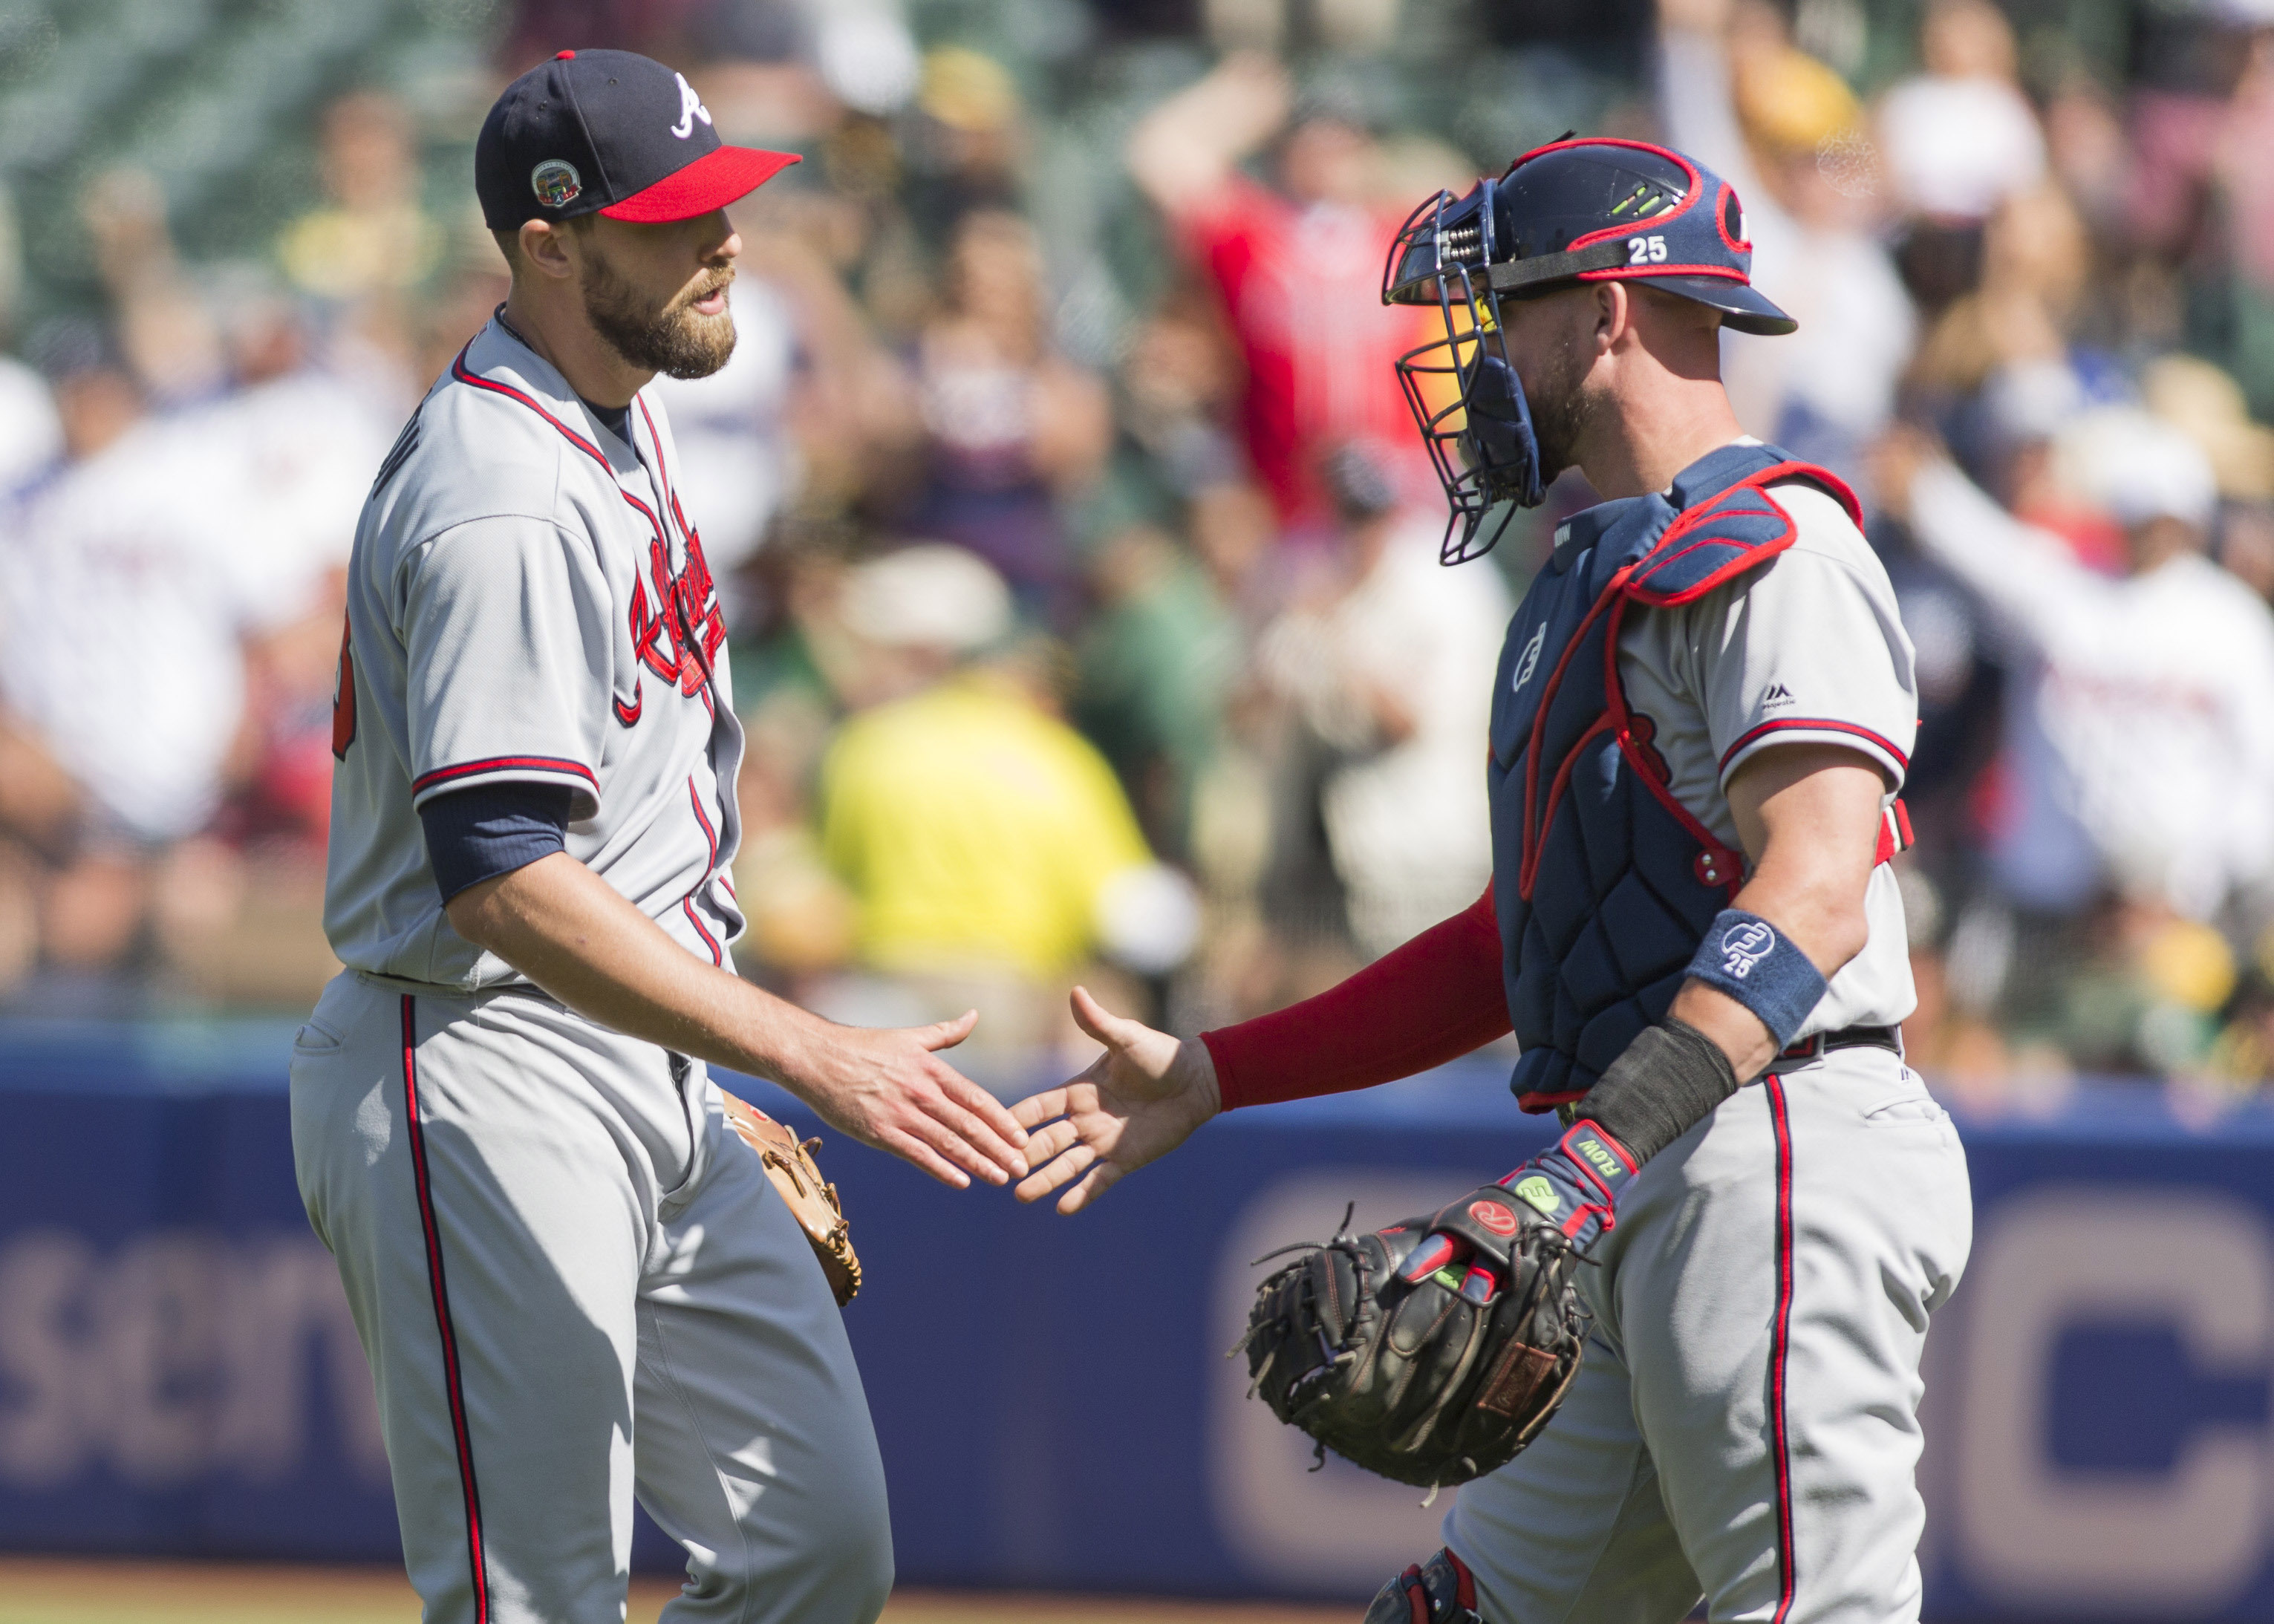 MLB: Atlanta Braves at Oakland Athletics